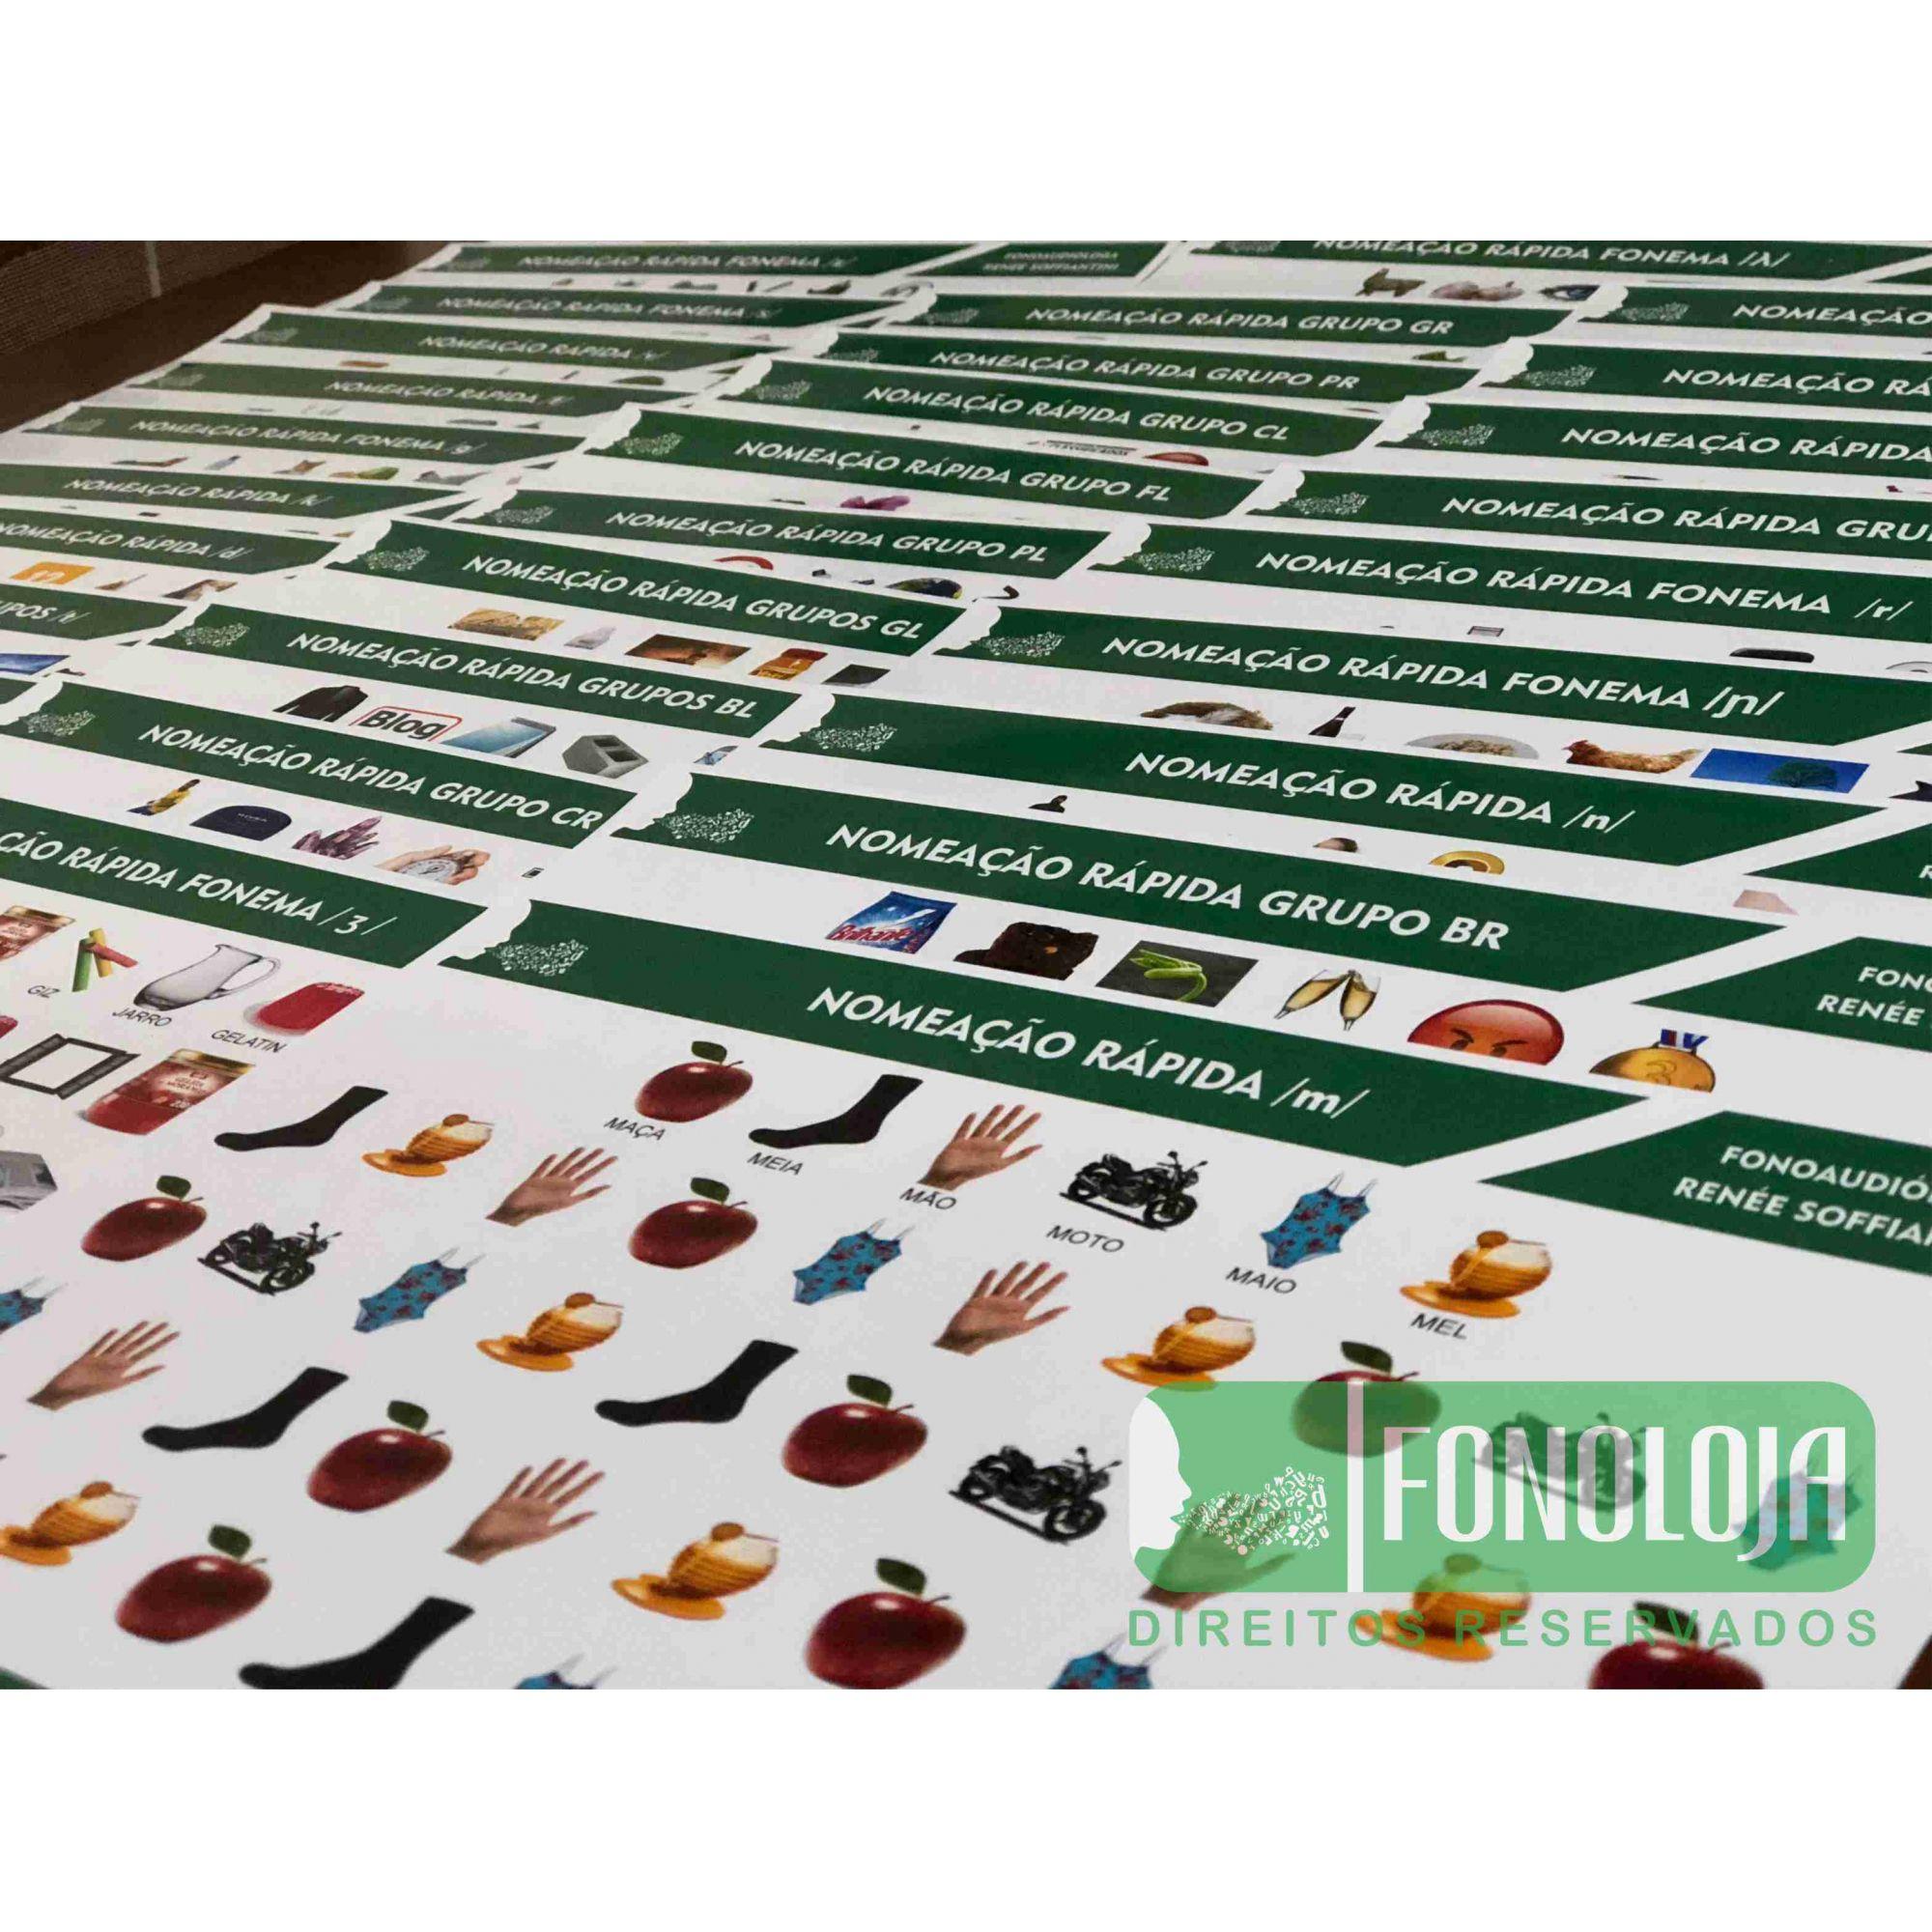 KIT 14 - 33 PRANCHAS NOMEAÇÃO RÁPIDA COMPLETA TODOS FONEMAS, ARQUIFONEMAS E GRUPOS